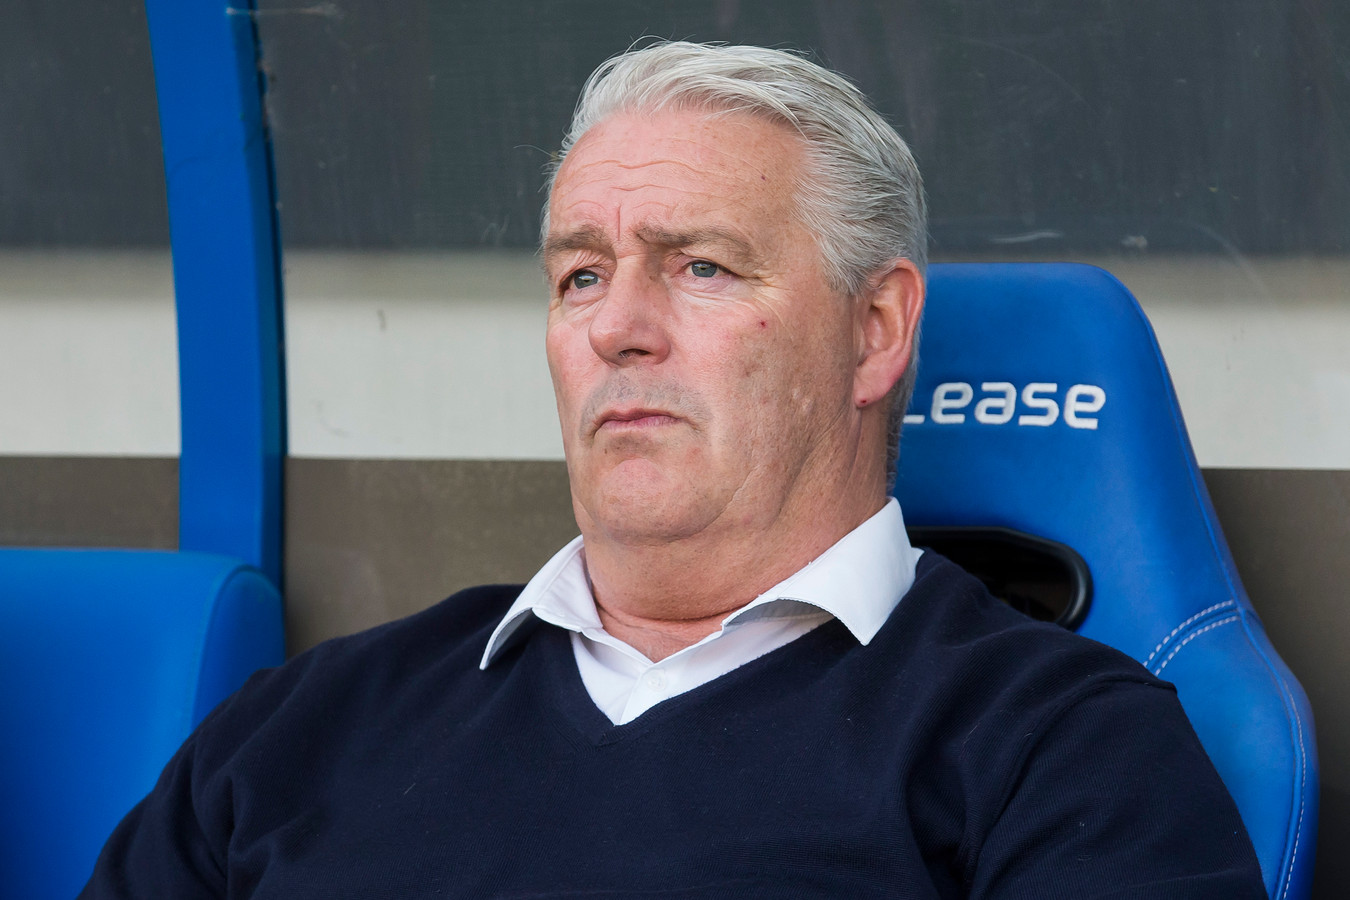 Na zijn avontuur bij RKC Waalwijk is Hans de Koning nu trainer van ZAP.